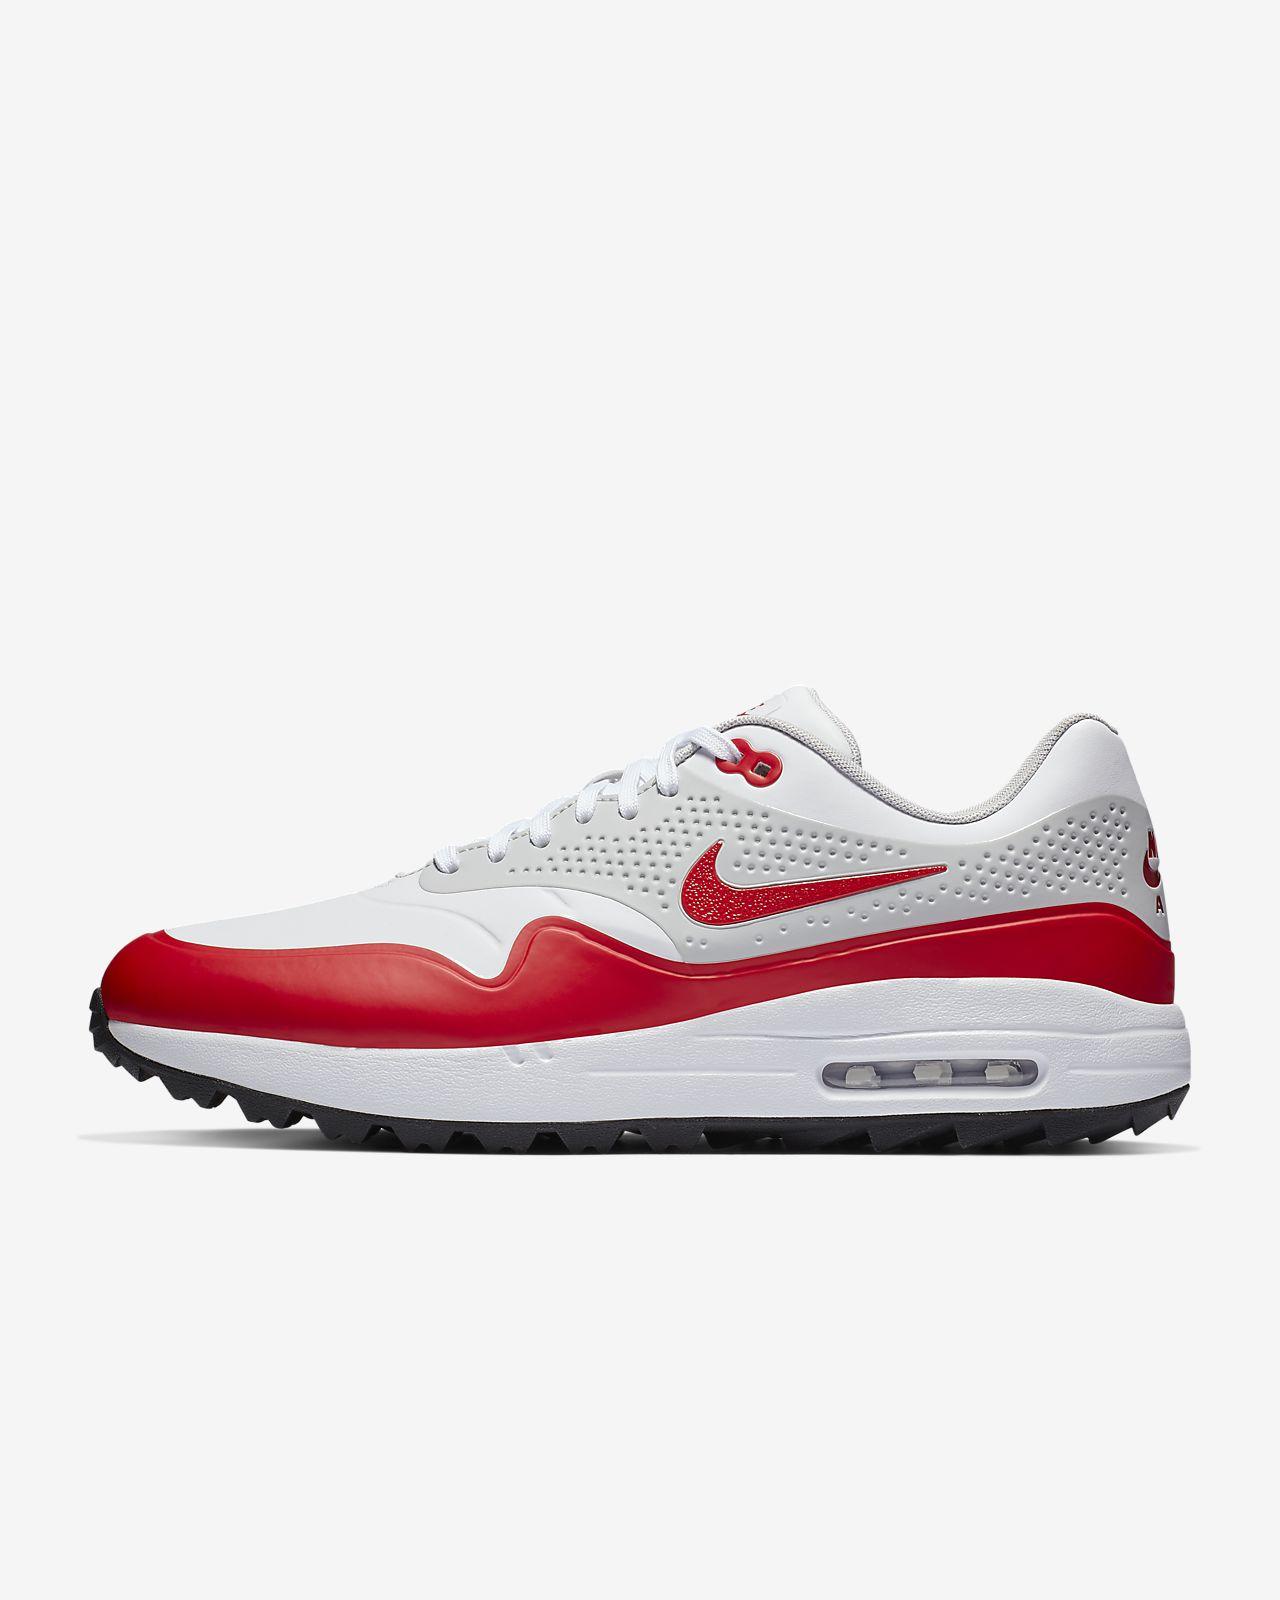 online retailer 19c97 4d66b ... Golfsko Nike Air Max 1 G för män